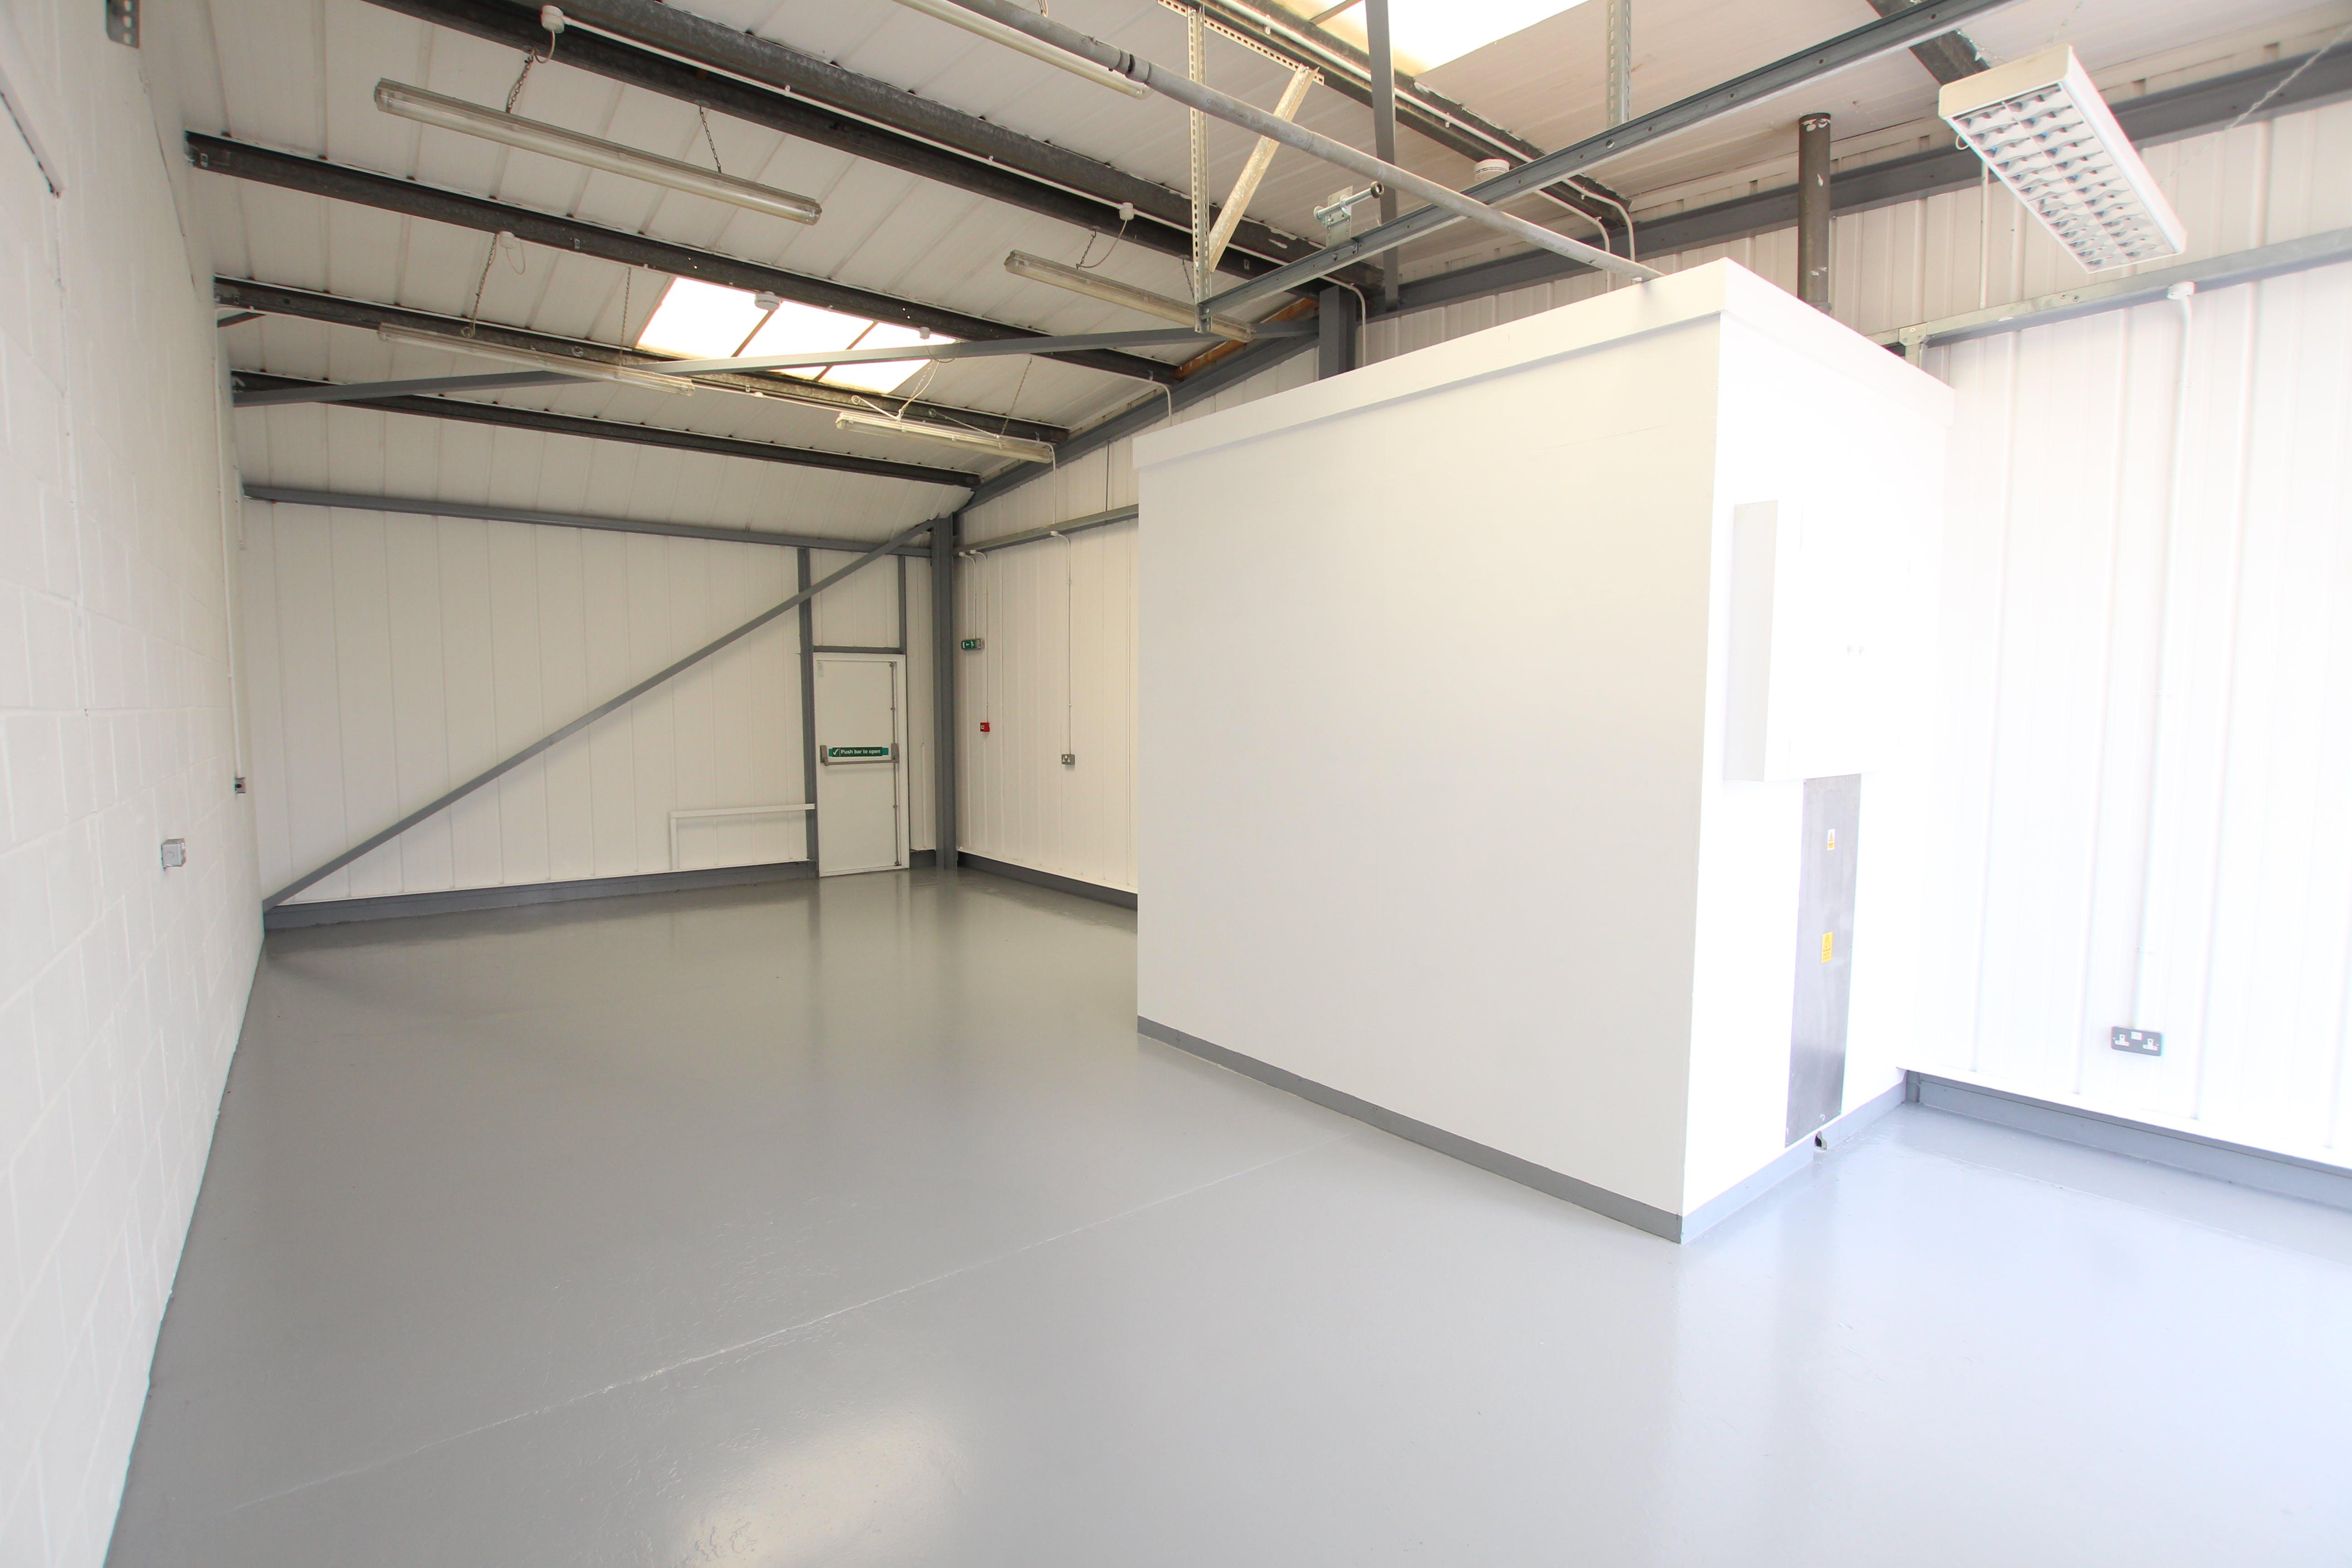 19 Enterprise Estate, Station Road West, Aldershot, Warehouse & Industrial To Let - IMG_9842.JPG